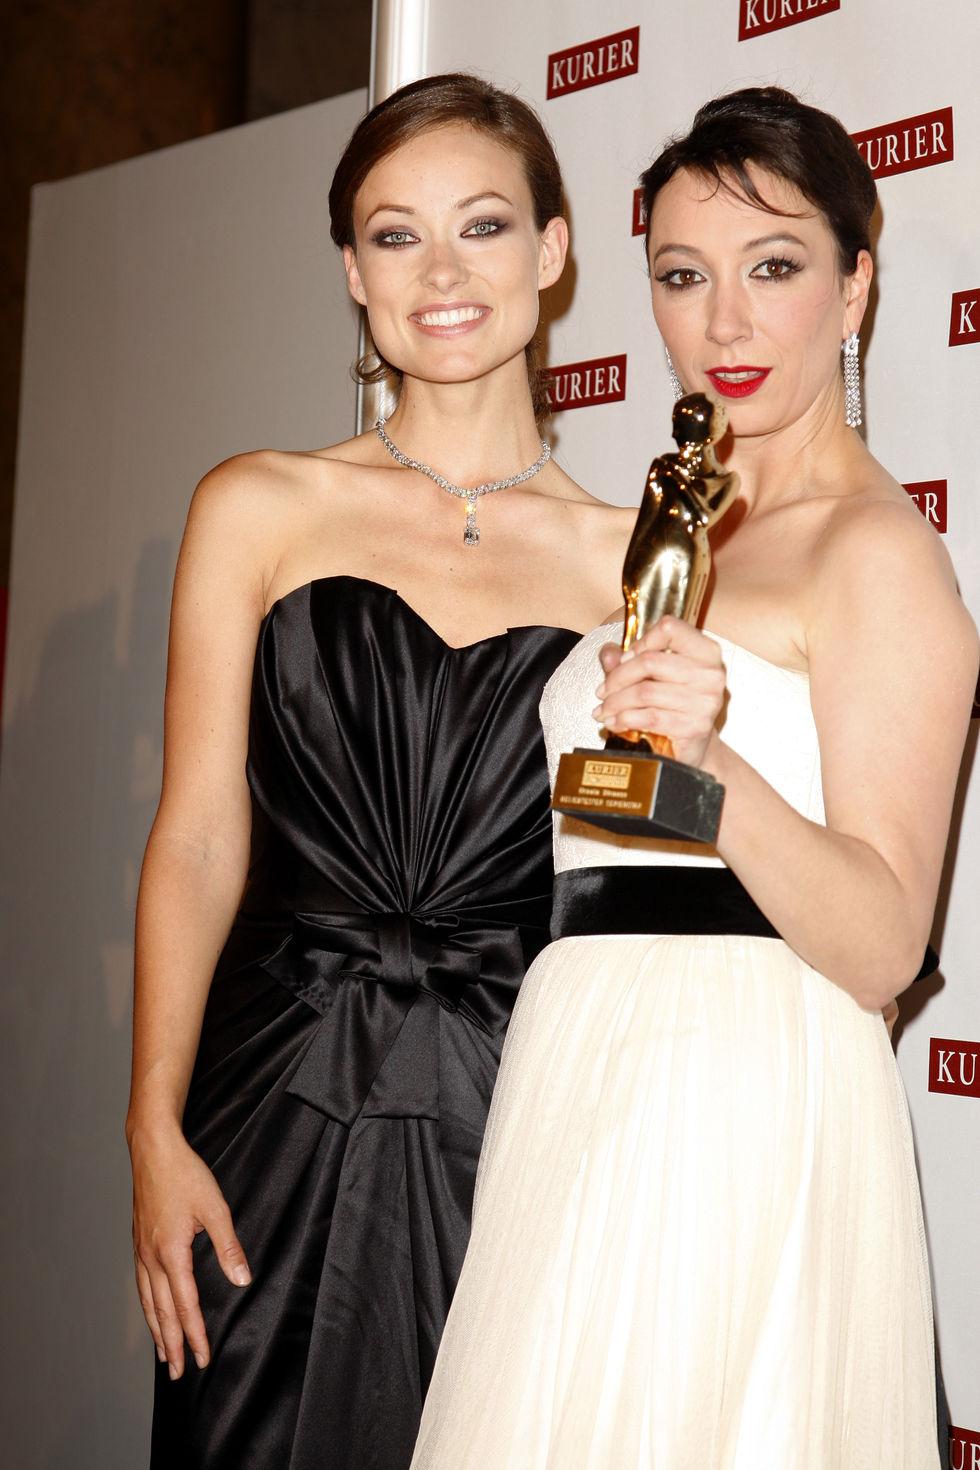 Olivia Wilde 2010 : olivia-wilde-at-romy-gala-2010-in-der-hofburg-in-vienna-04